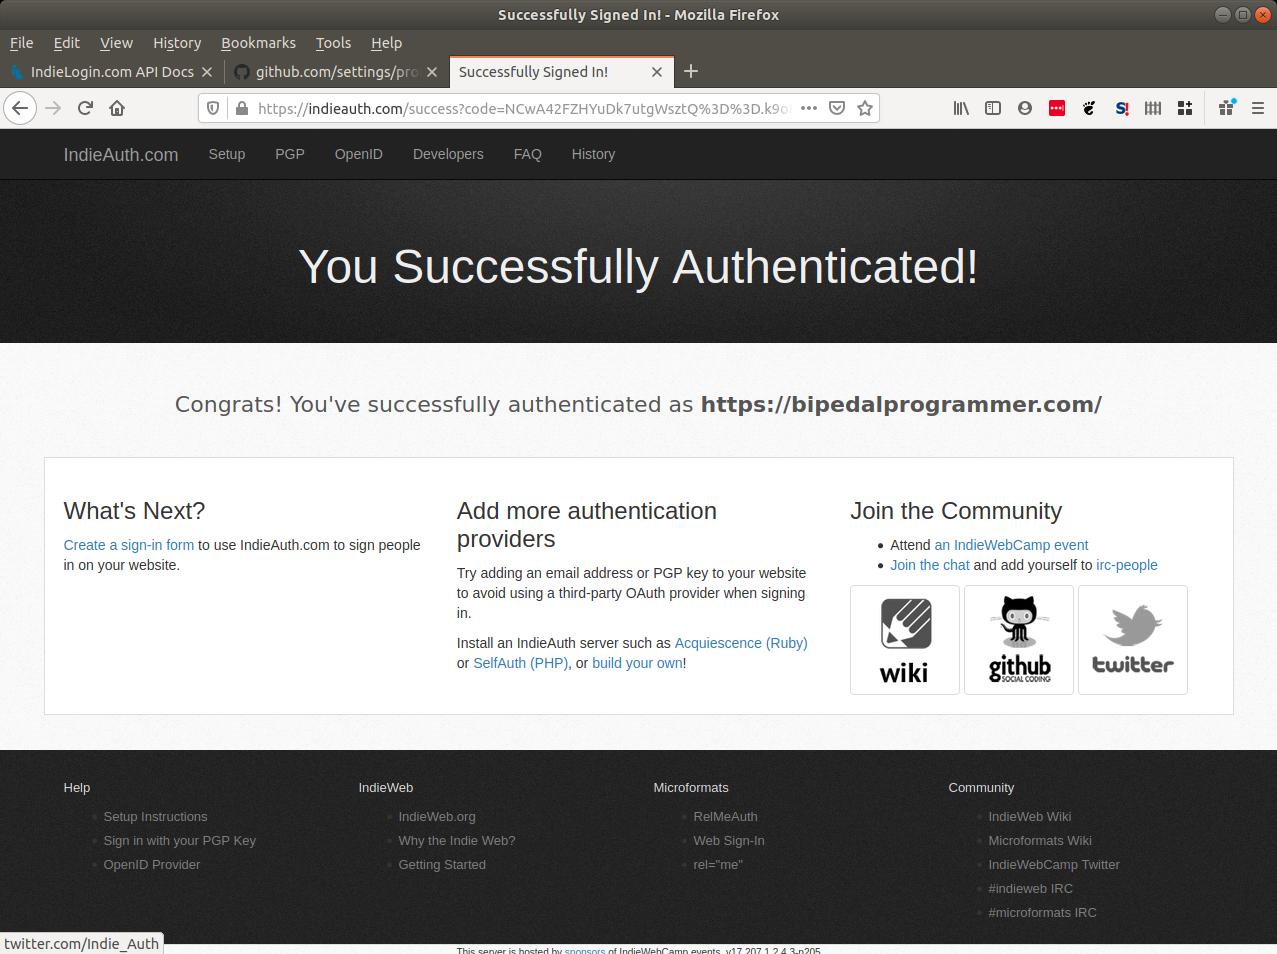 IndieAuth.com sucess!